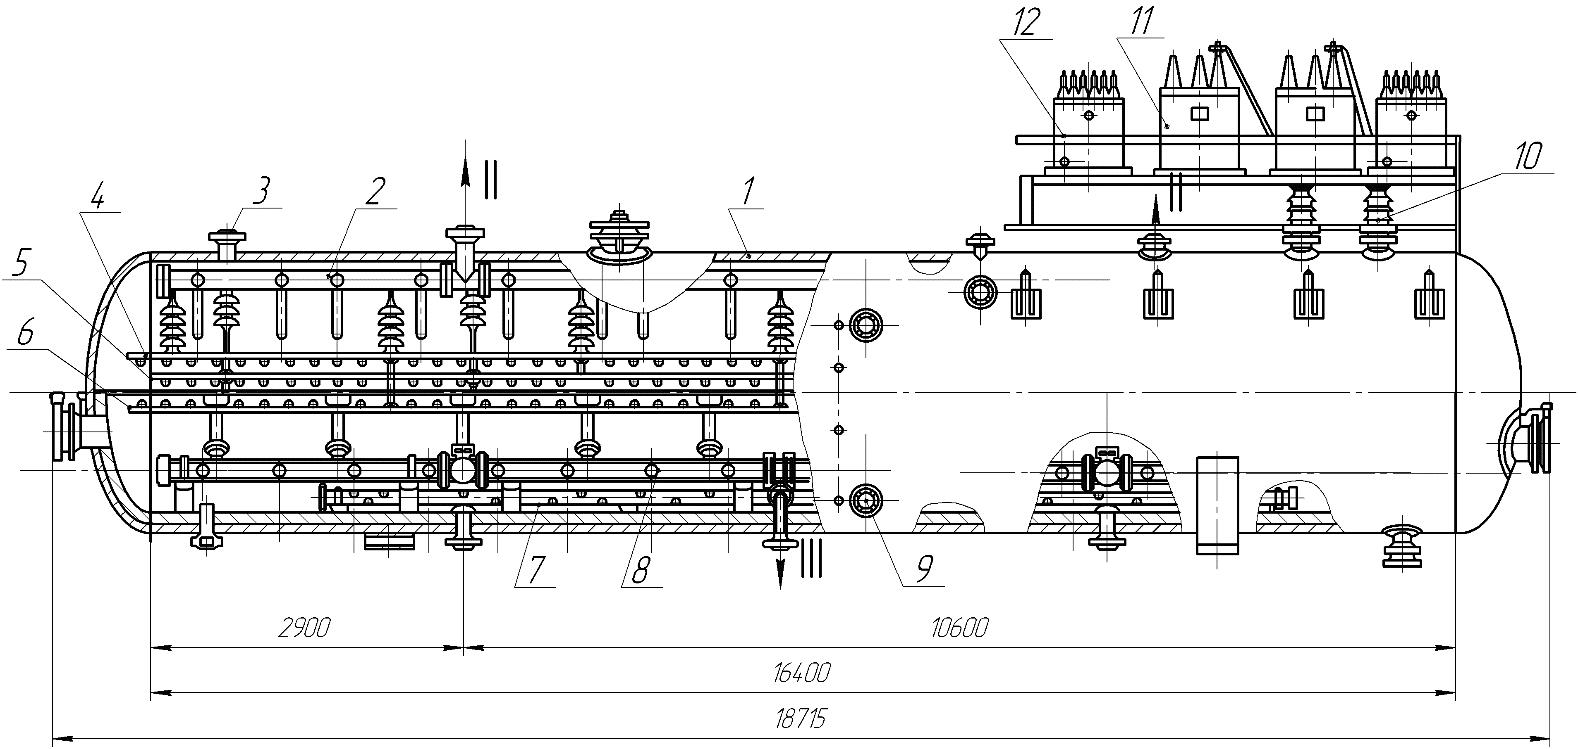 Электродегидратор горизонтальный 2ЭГ 160-2